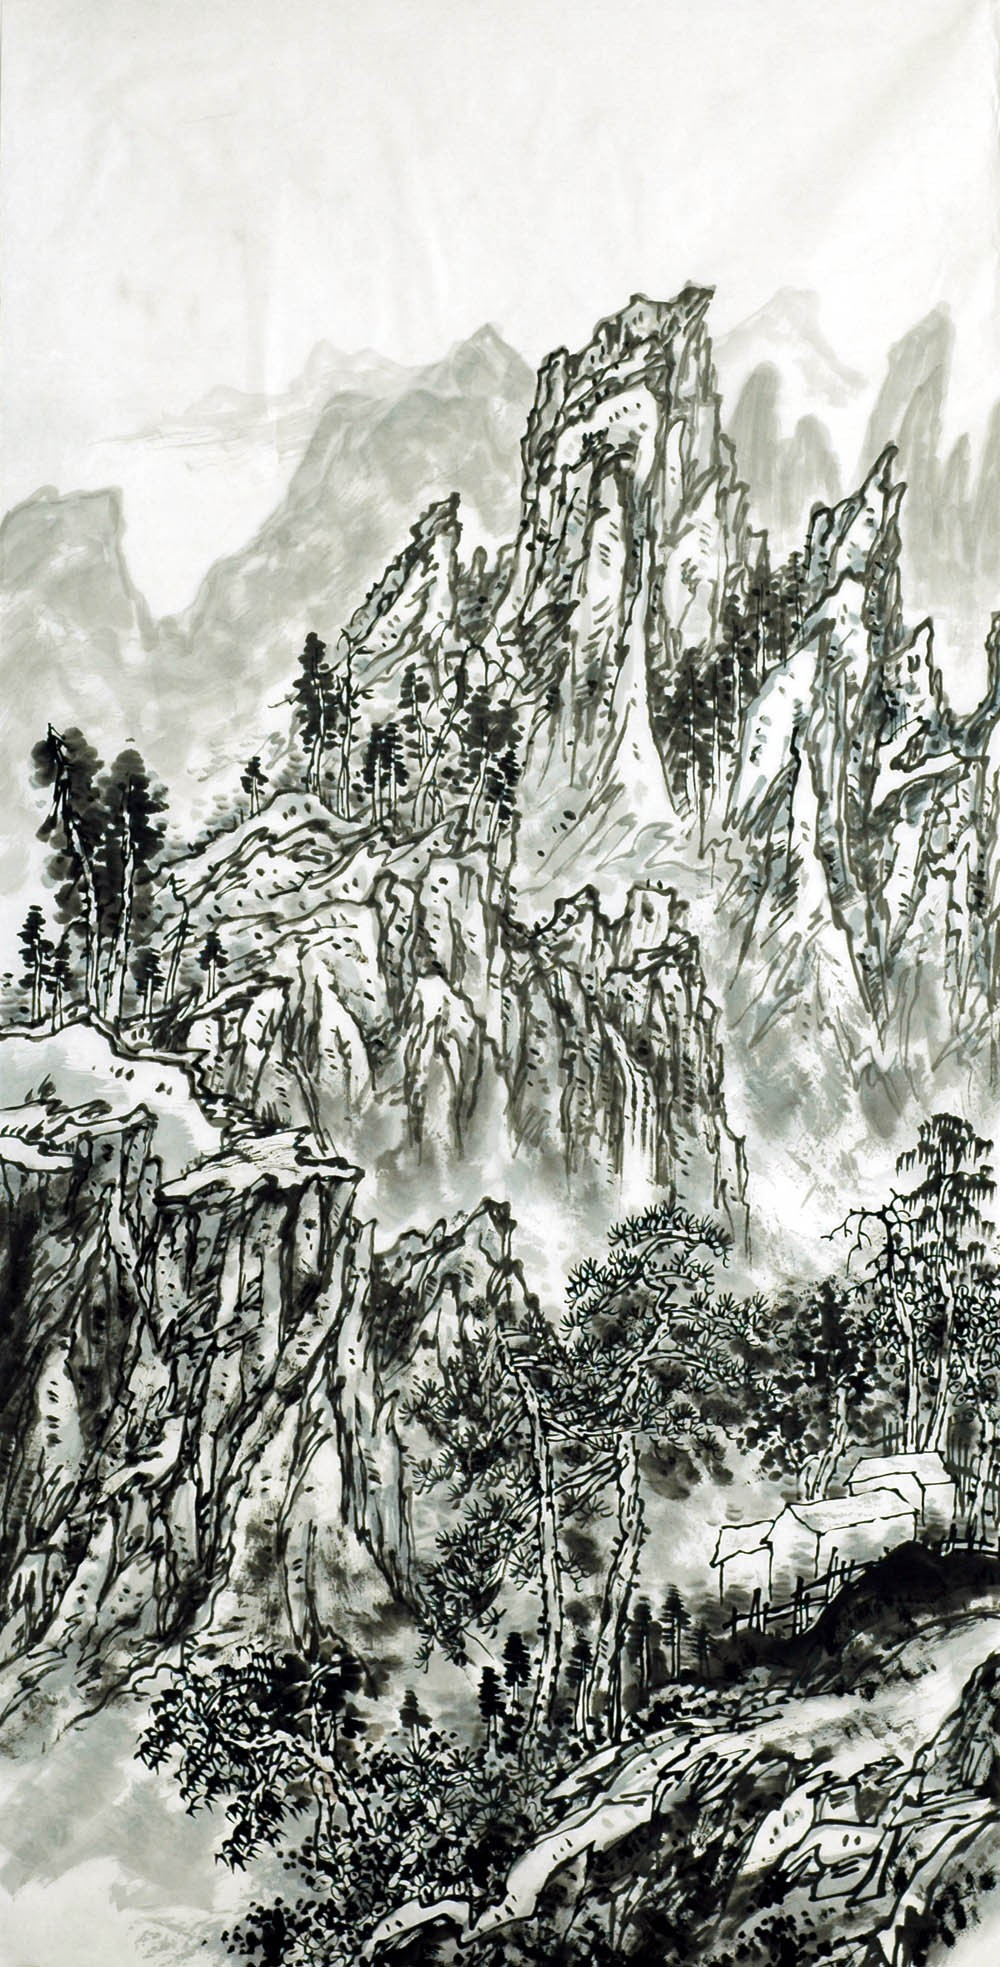 Chinese Landscape Painting - CNAG007144